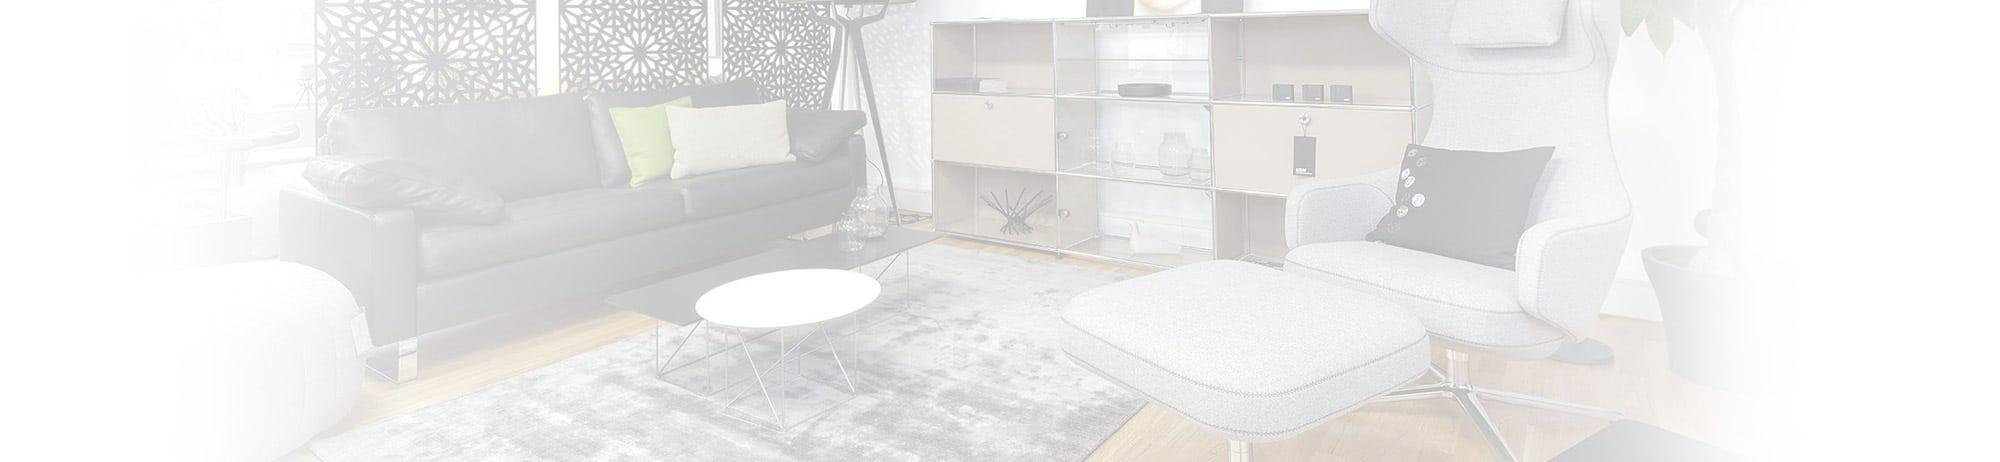 Wohnen & Design Greb